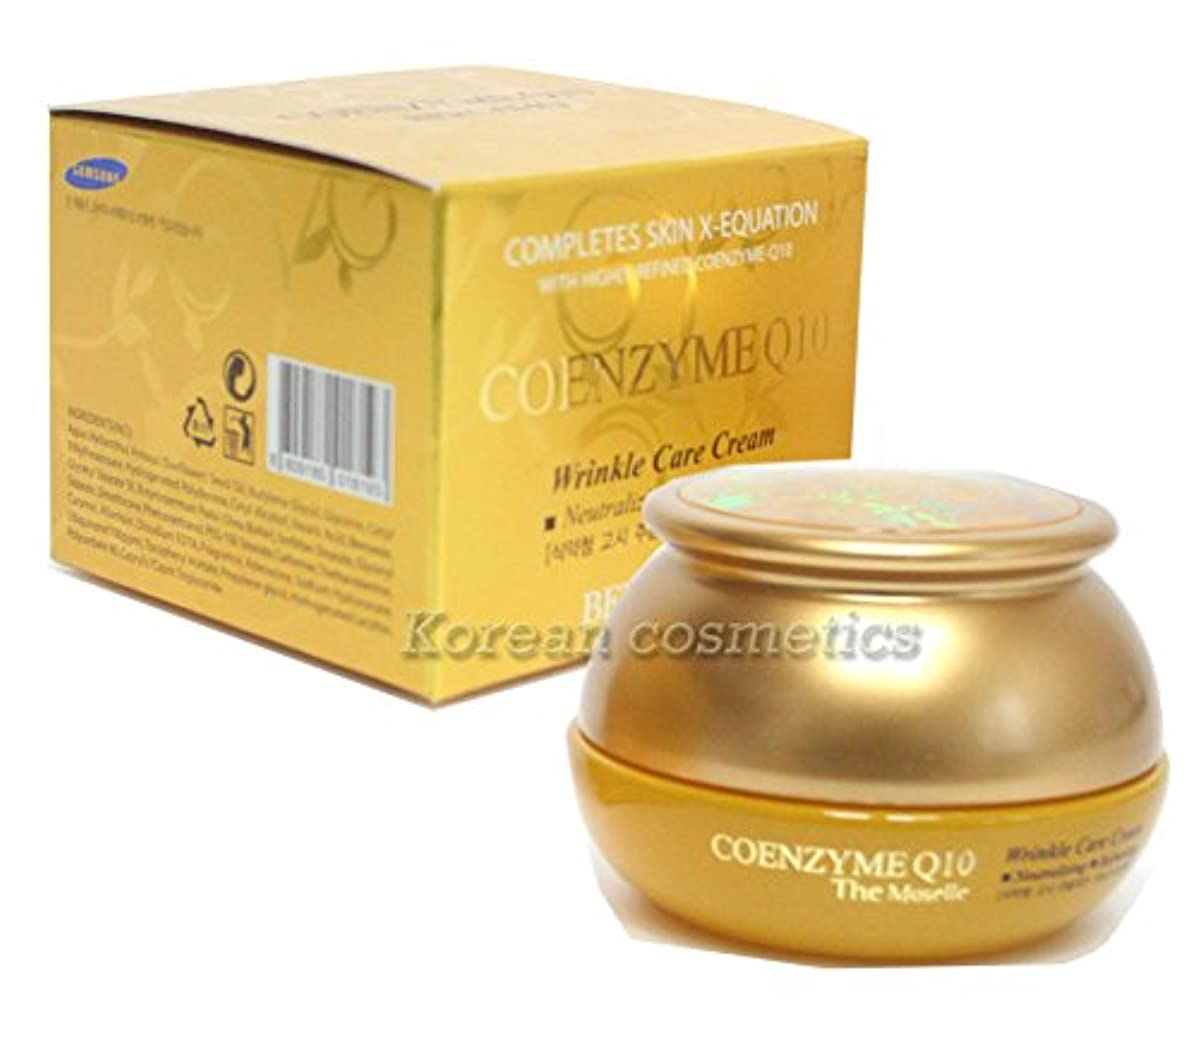 多年生確率ワックス【ベルガモ][Bergamo] モーゼルコエンザイムQ10クリーム50g / the Moselle Coenzyme Q10 Cream 50g / リンクルケア、弾力性 / Wrinkle Care,elasticity / 韓国化粧品 / Korean Cosmetics [並行輸入品]